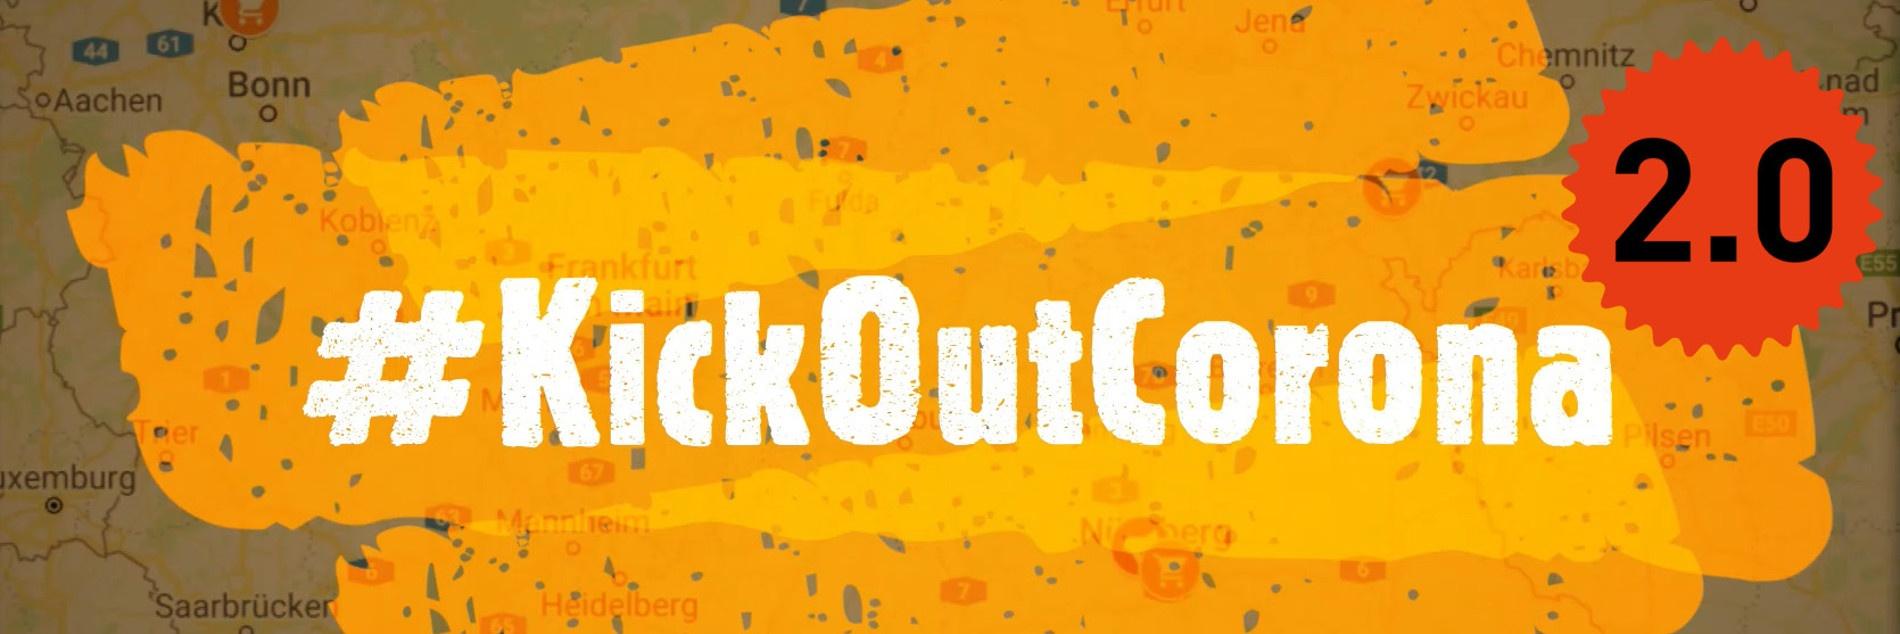 Ein Auschnitt einer Deutschlandkarte auf dem in weißen Lettern #KickOutCorona steht.